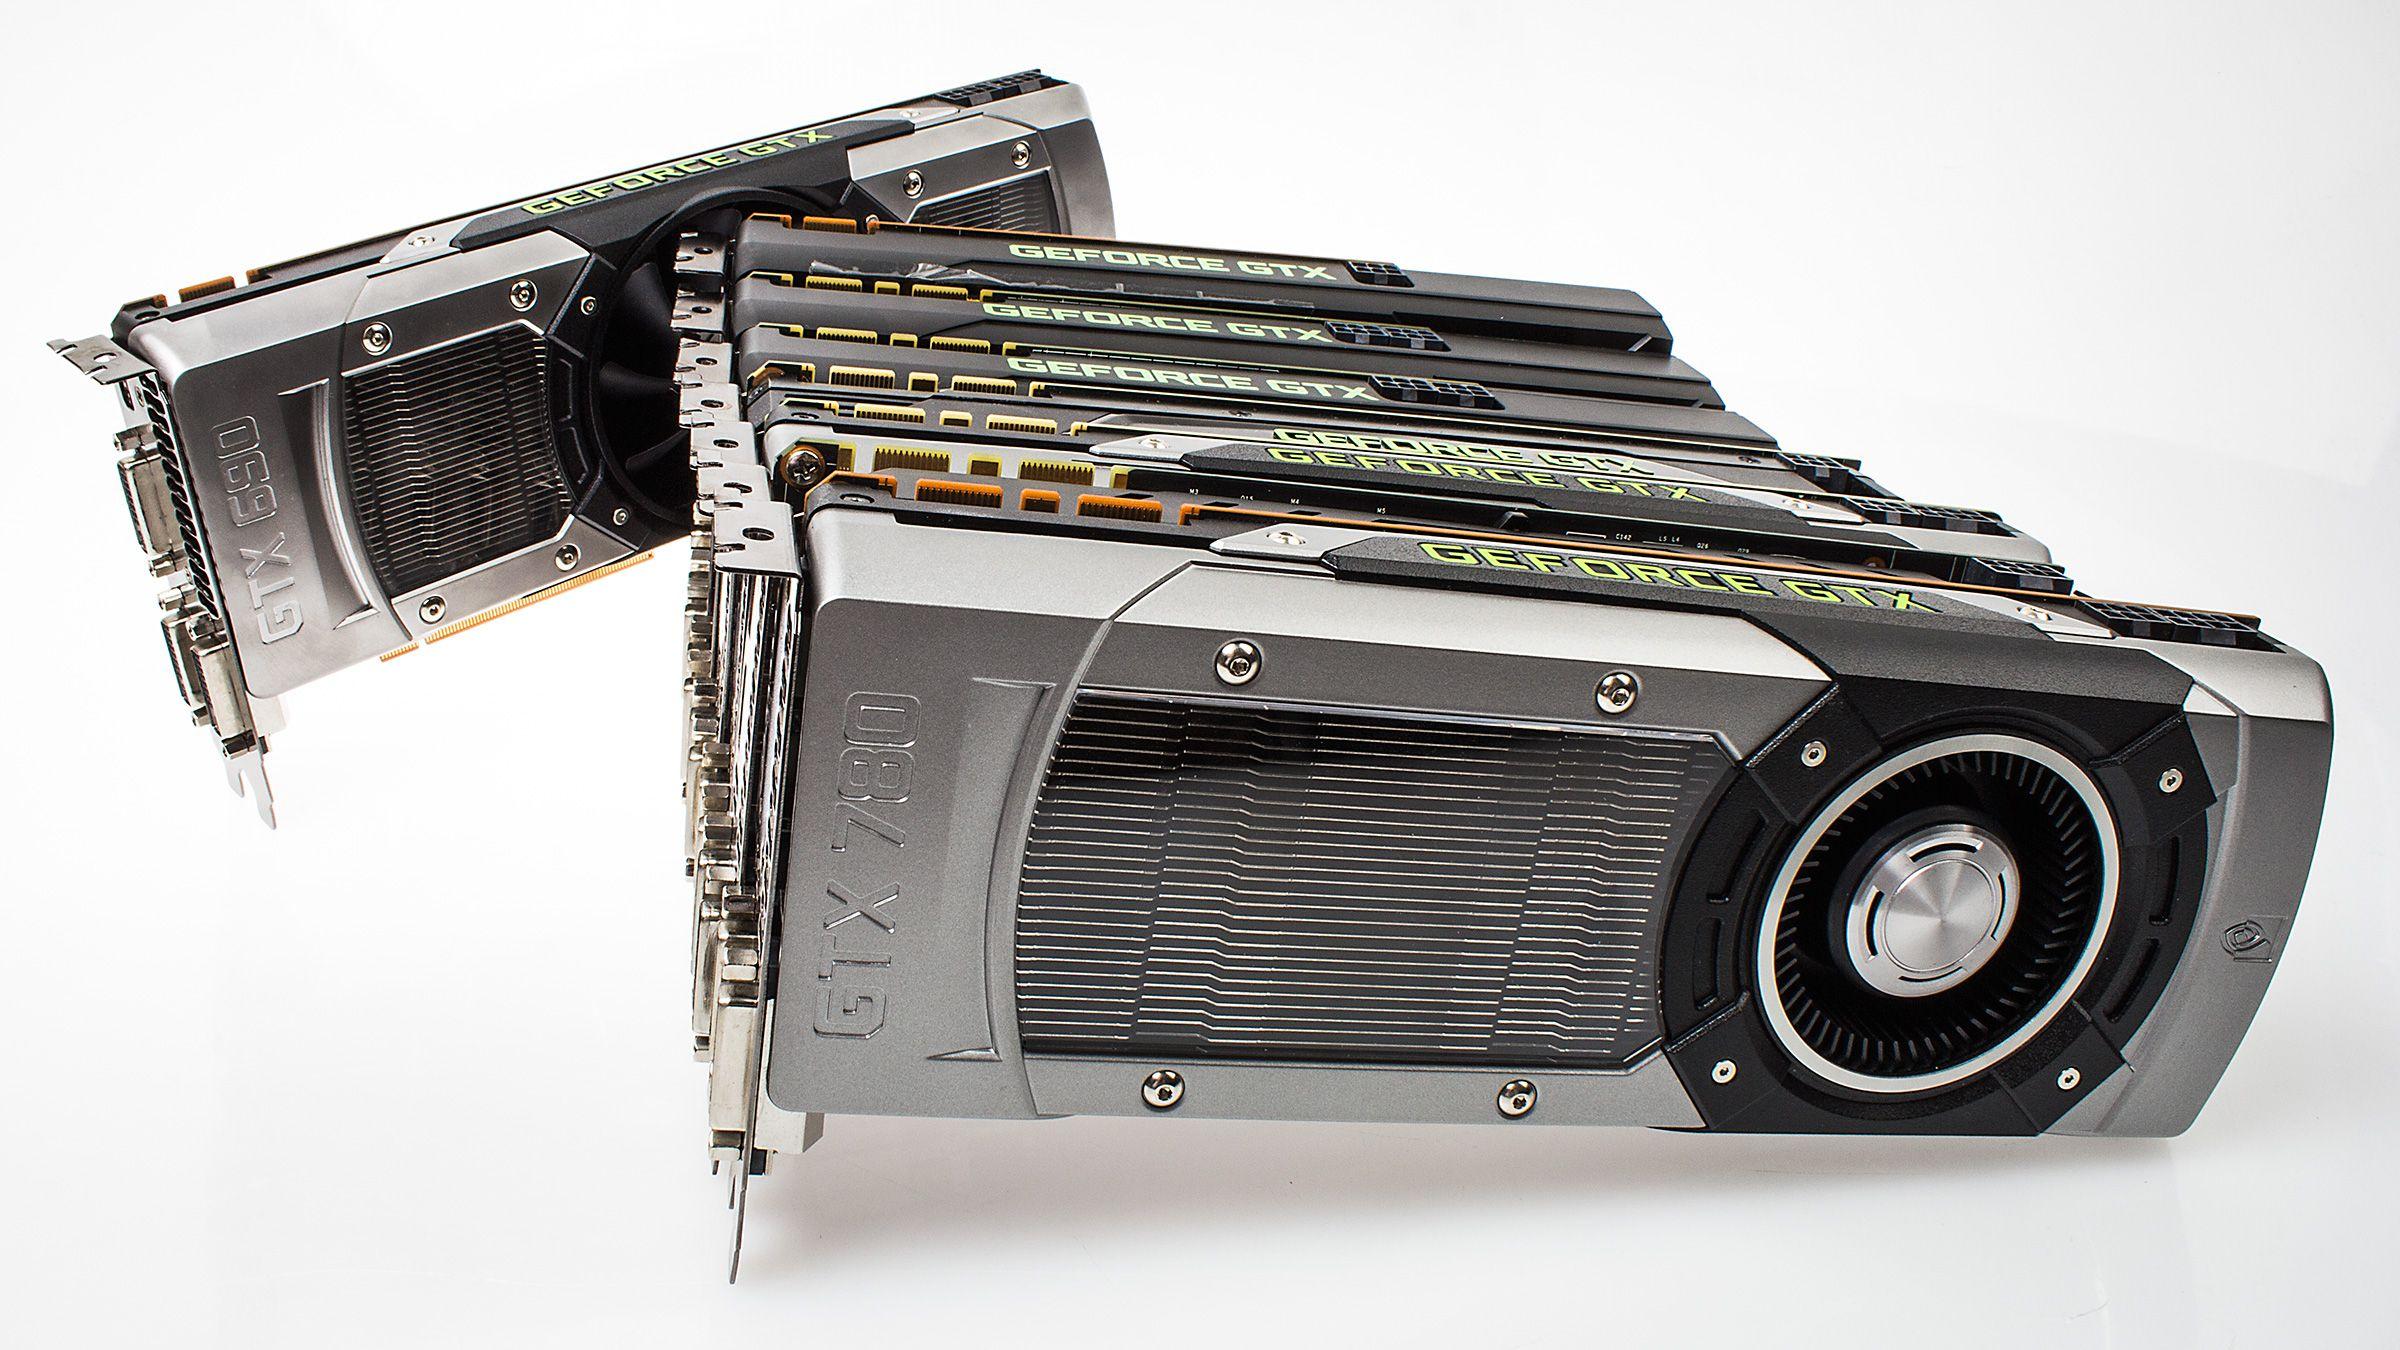 Det er ikke så rent få GeForce-kort som skal i ilden.Foto: Varg Aamo, Hardware.no